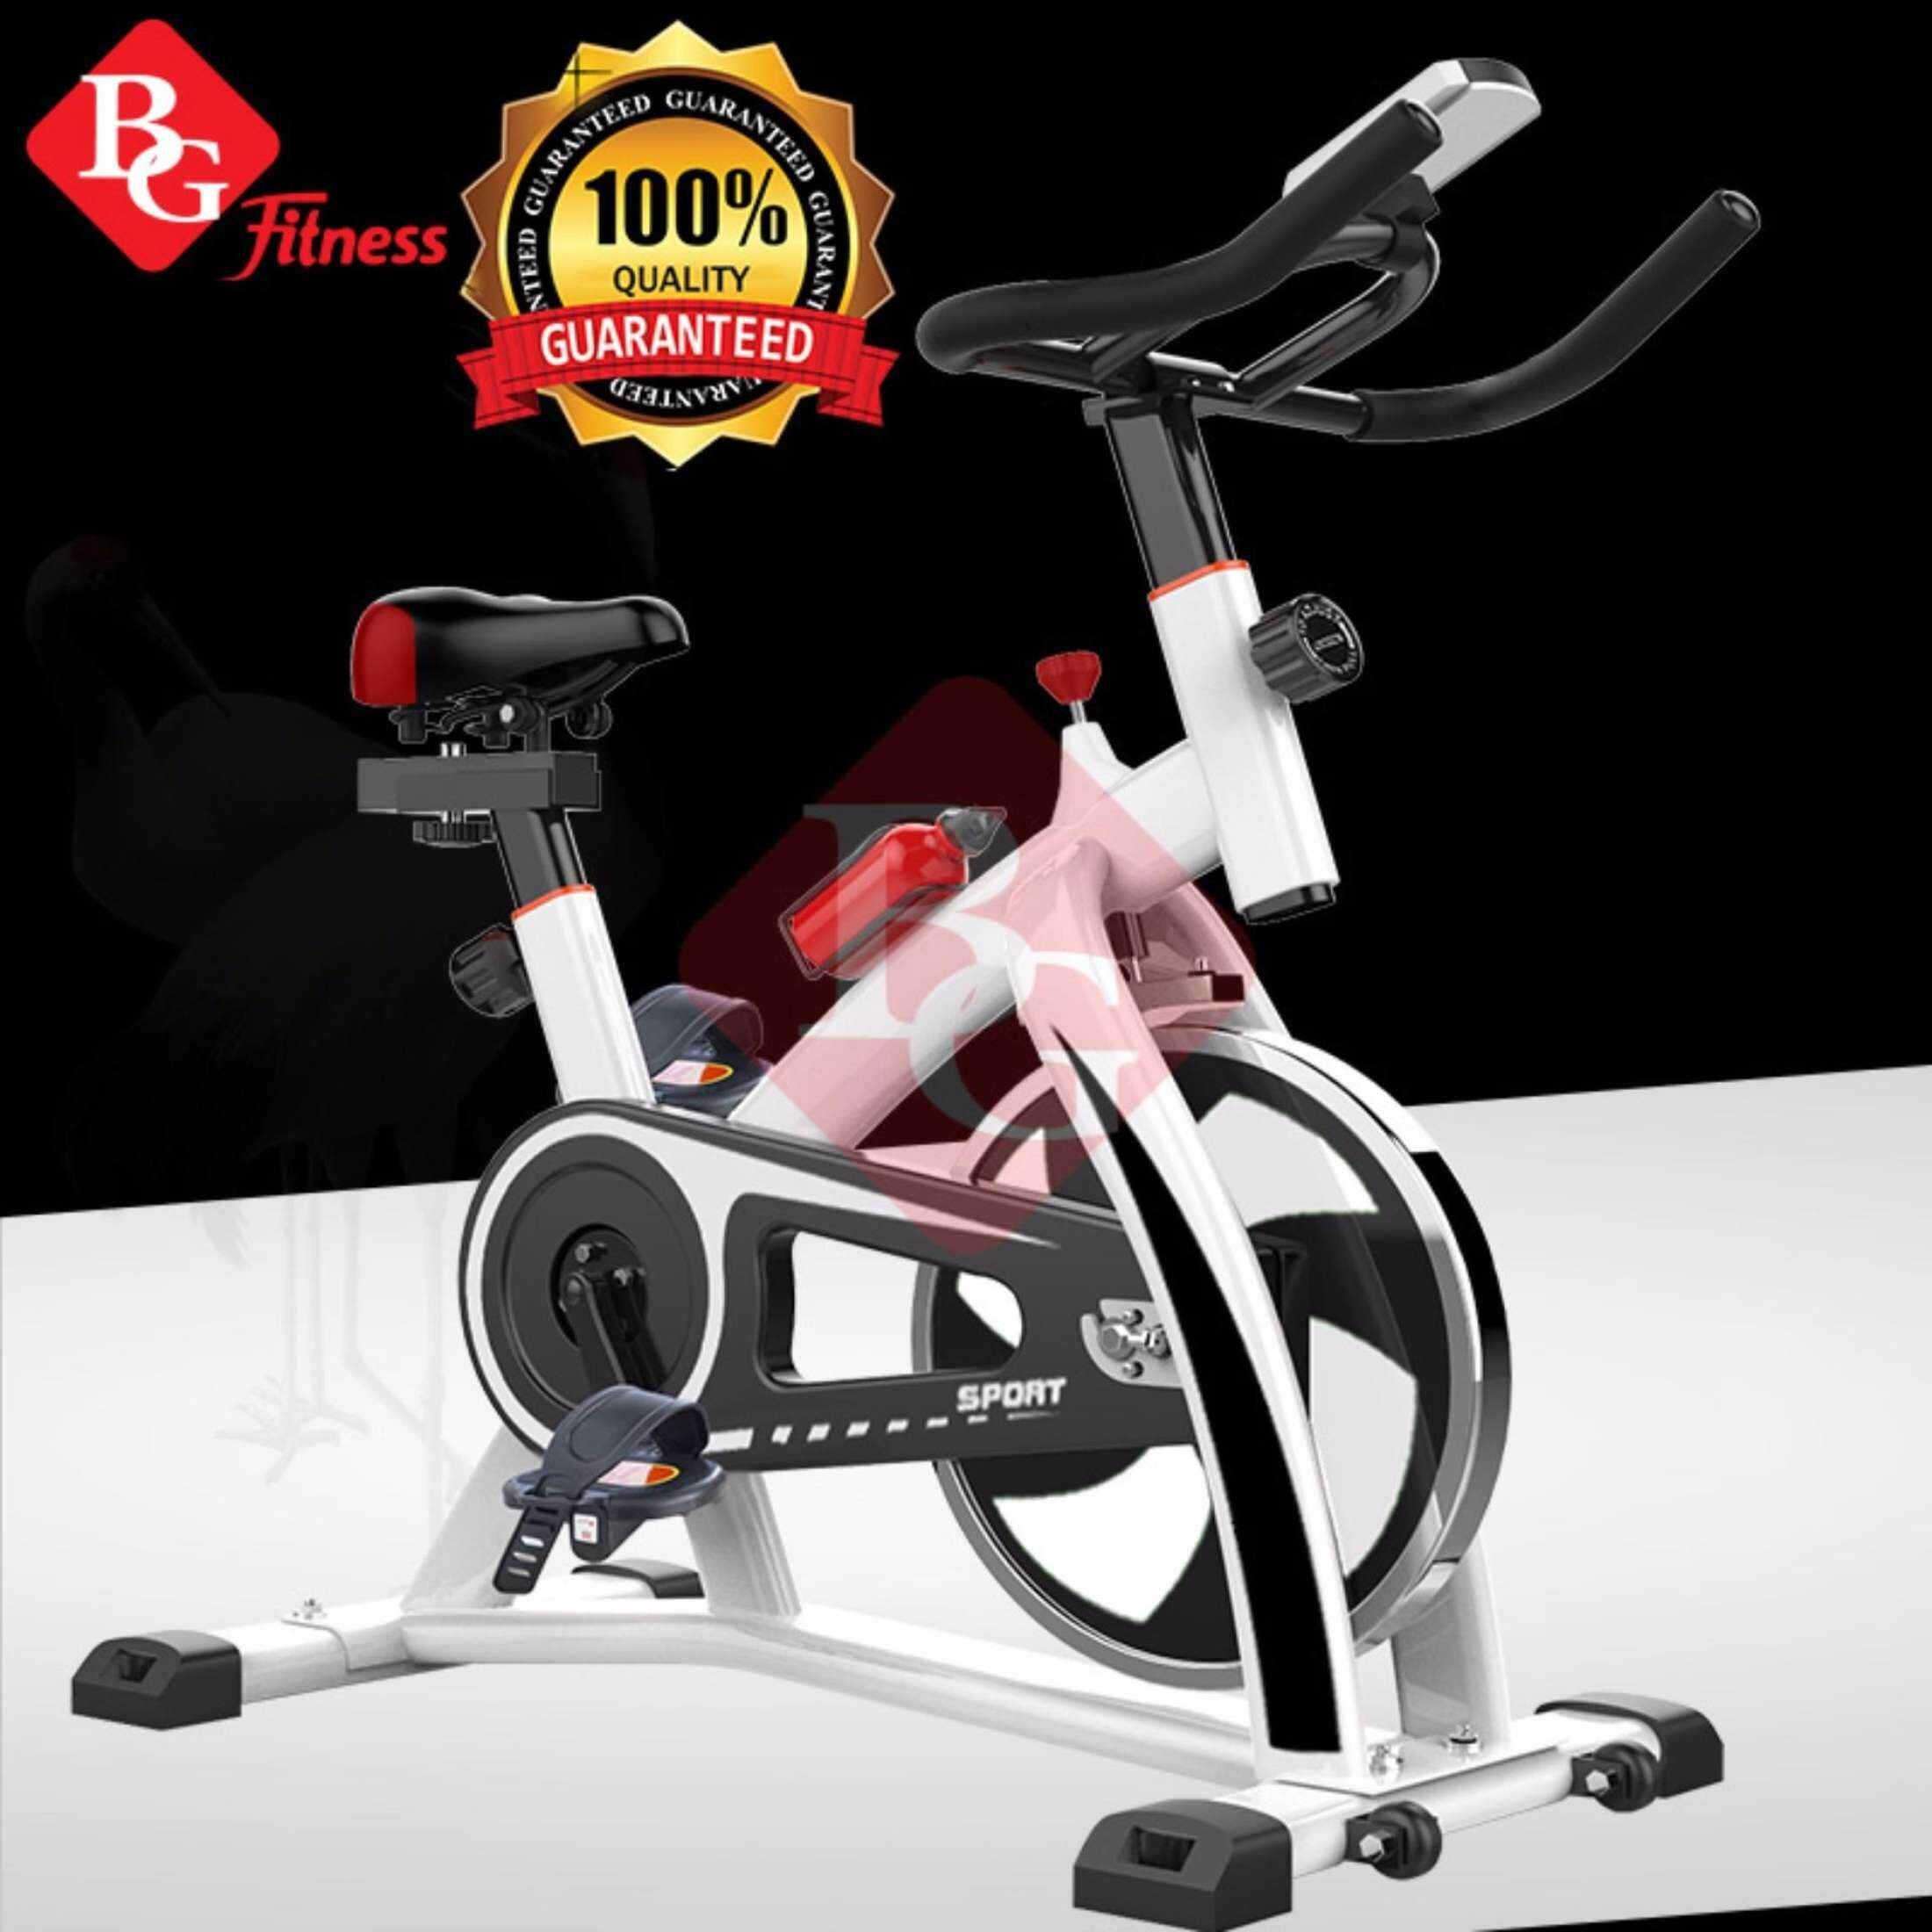 แบบไหนดี B&G จักรยานออกกำลังกาย Spin Bike พร้อมหน้าจอ LED แสดงผลการทำงาน รุ่น S300 (White)